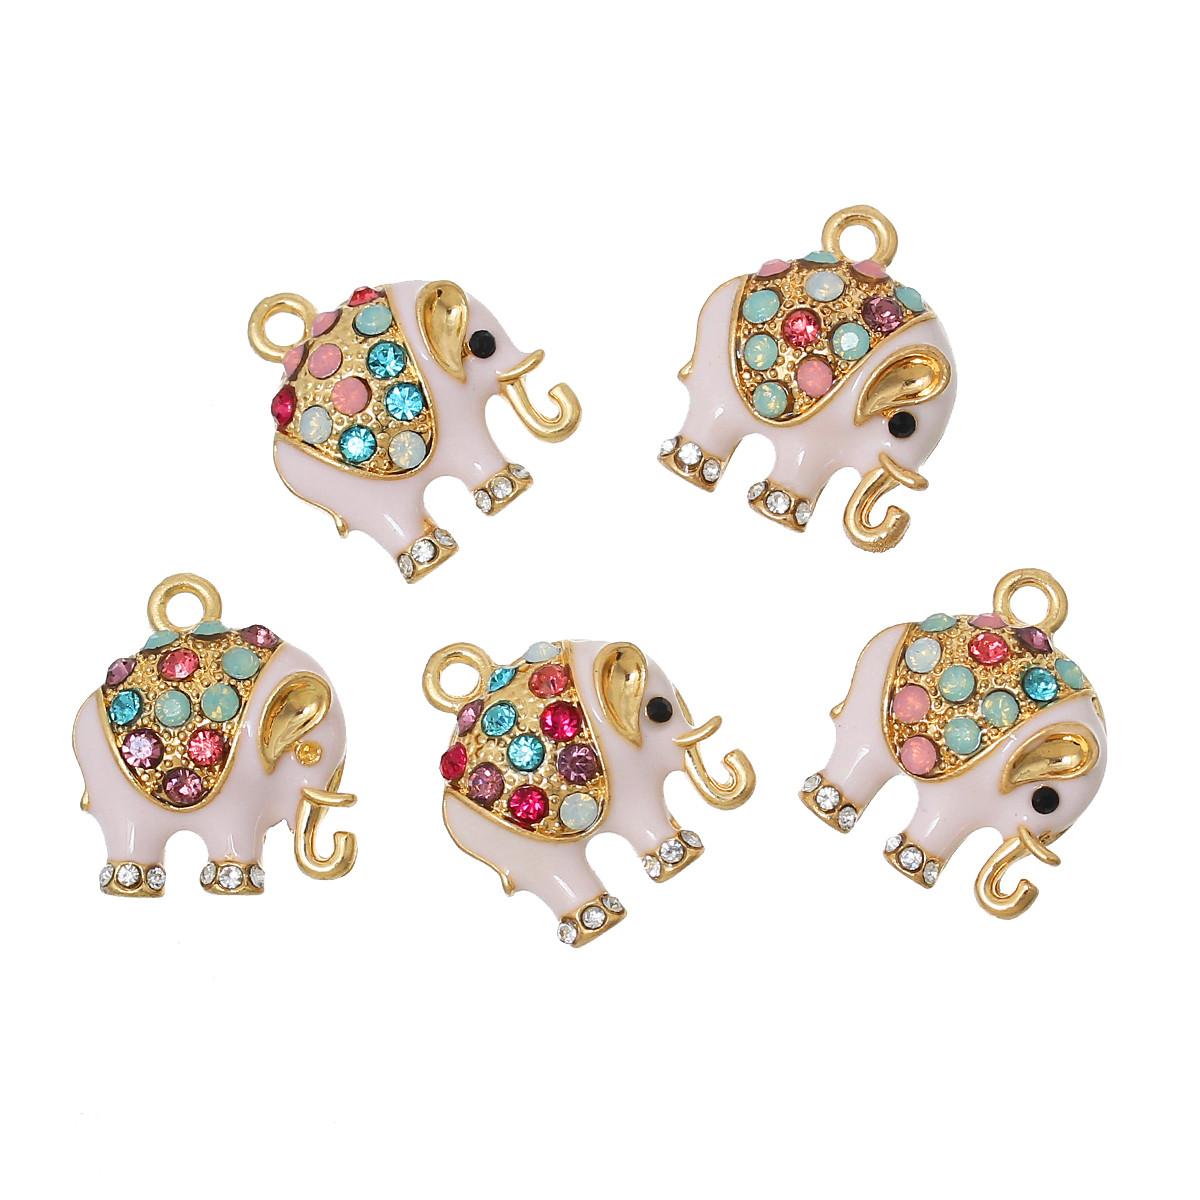 Подвеска, Слон, Позолоченный Разноцветный, Стразы и Эмаль светло-розовая, 18 мм x 15 мм